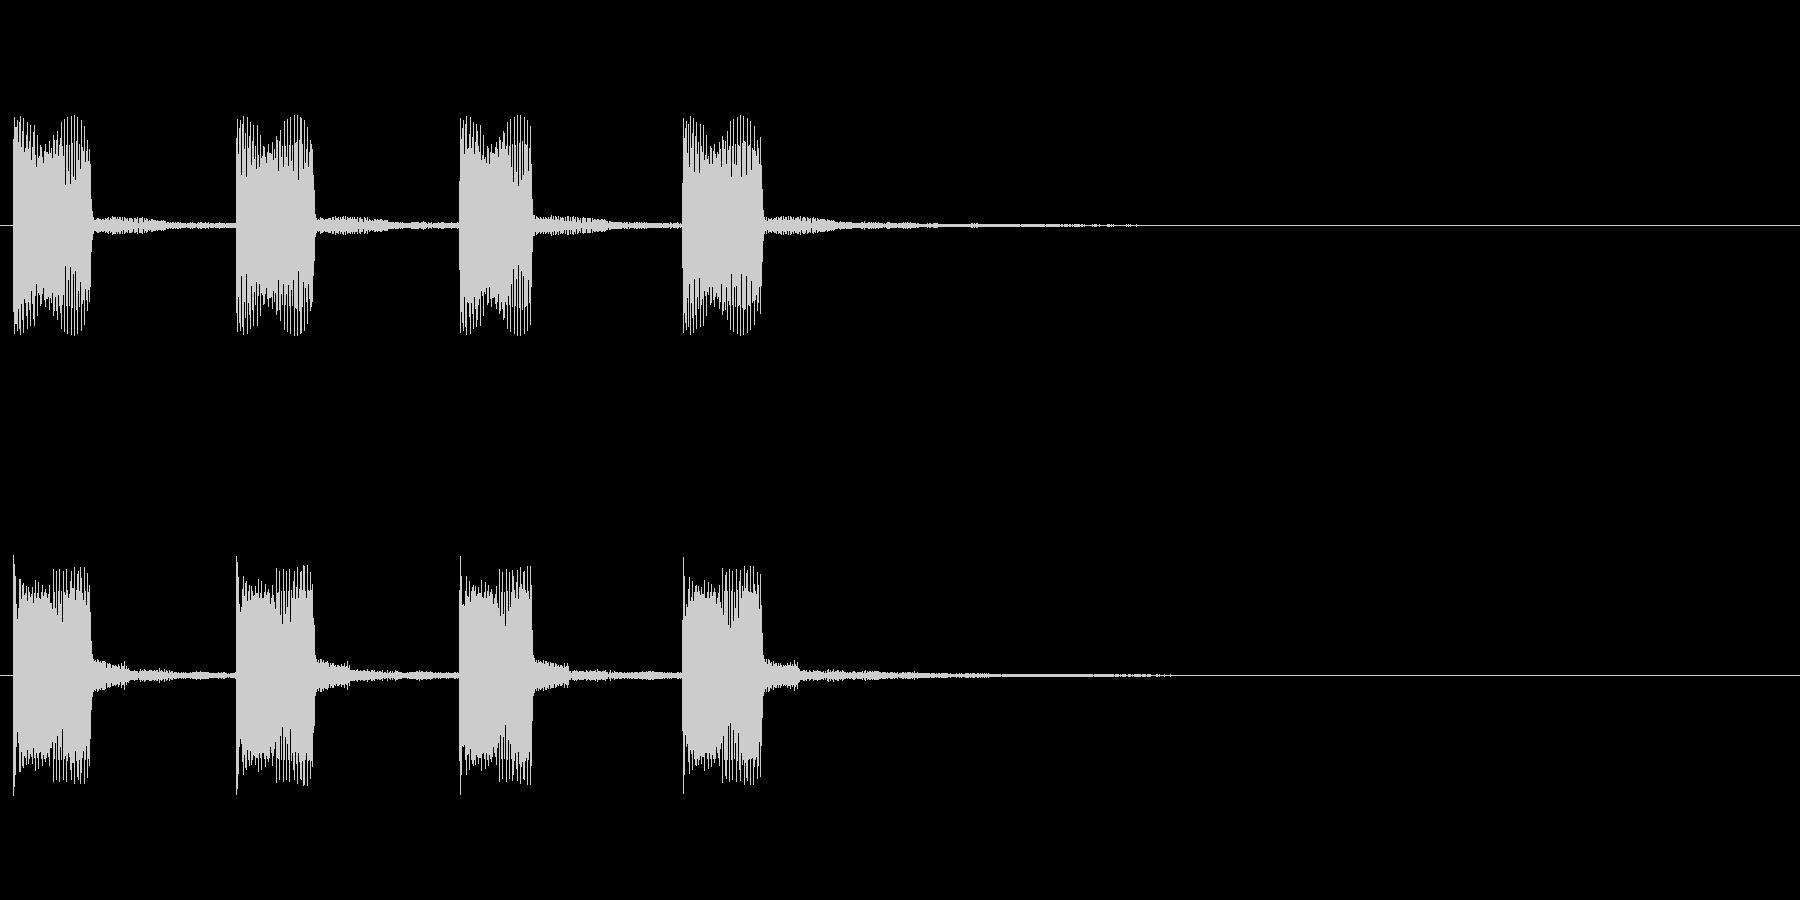 アラーム・危険・お知らせ効果音の未再生の波形